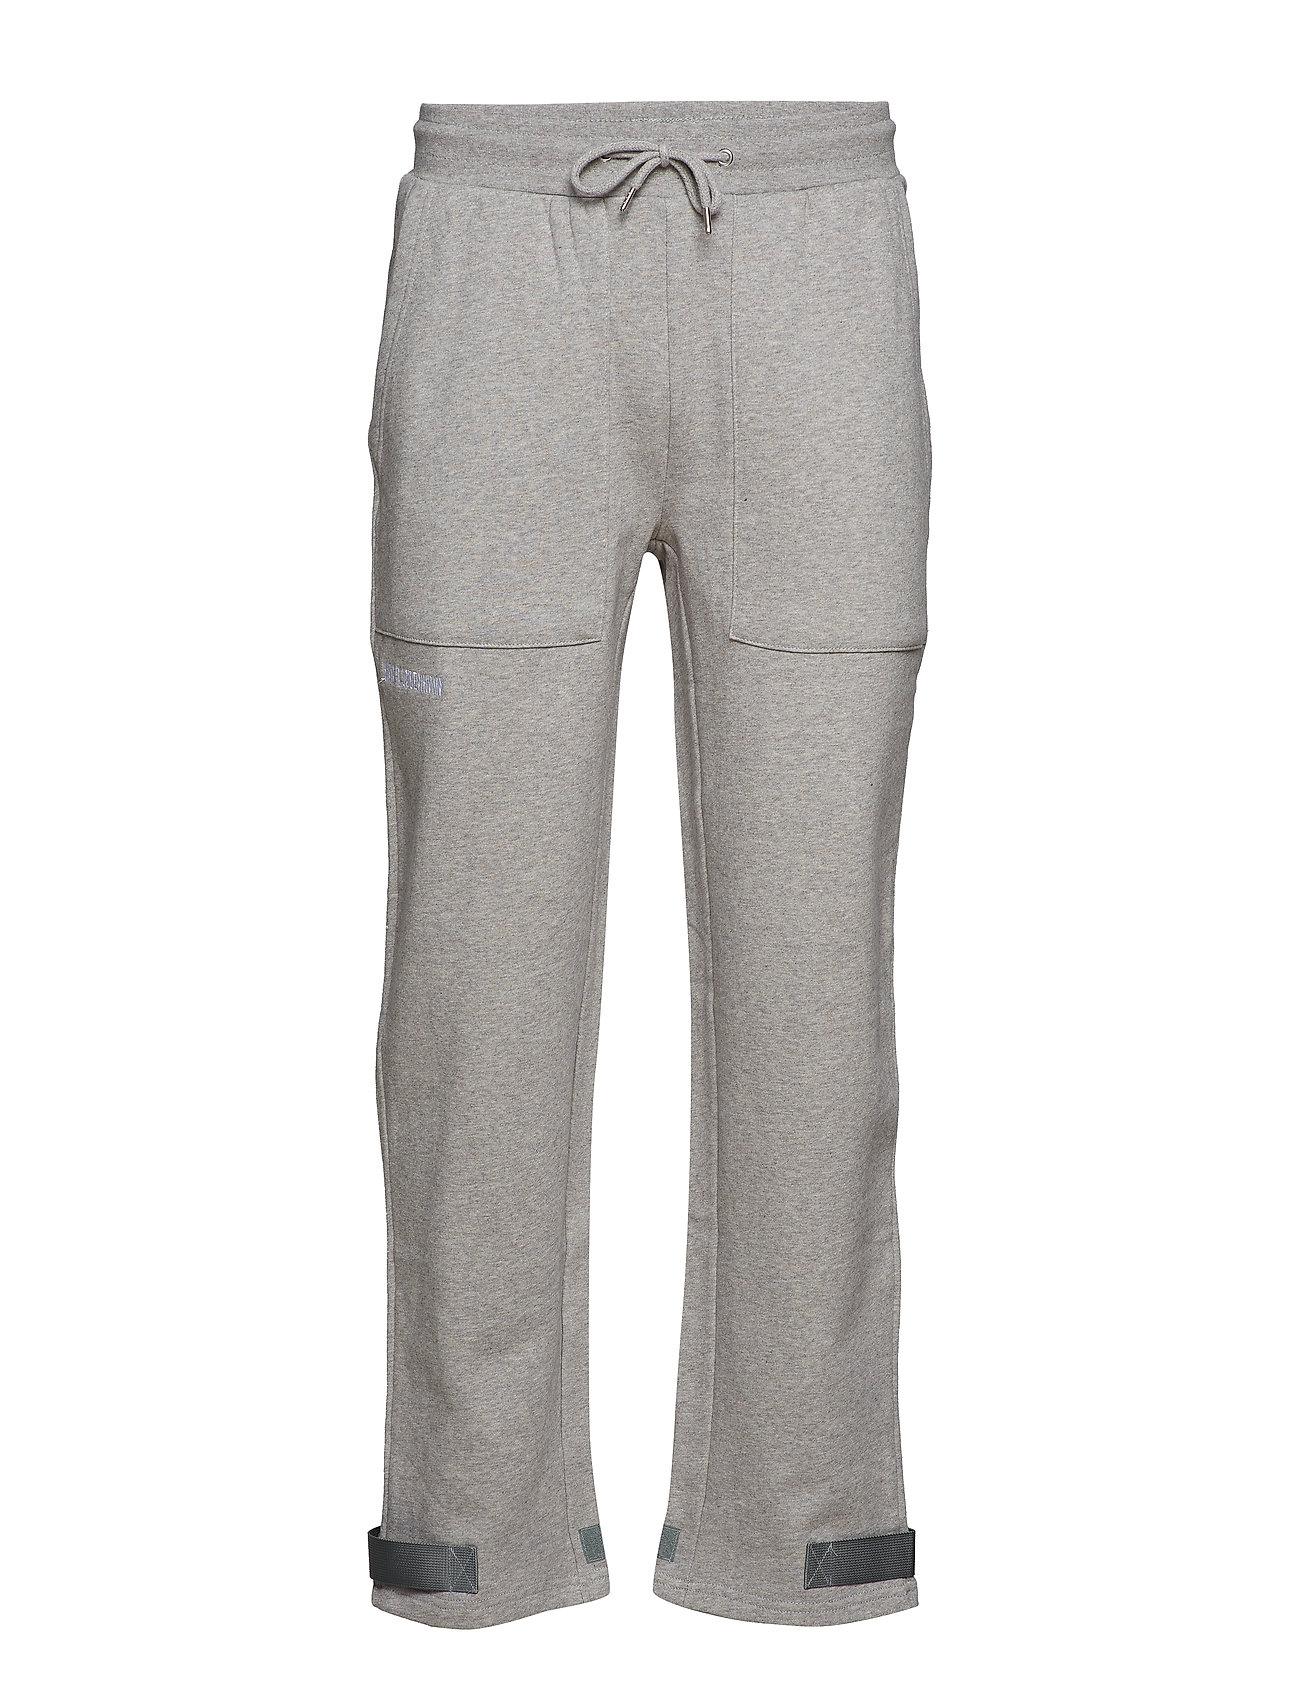 HAN Kjøbenhavn Sweat Pants - GREY LOGO